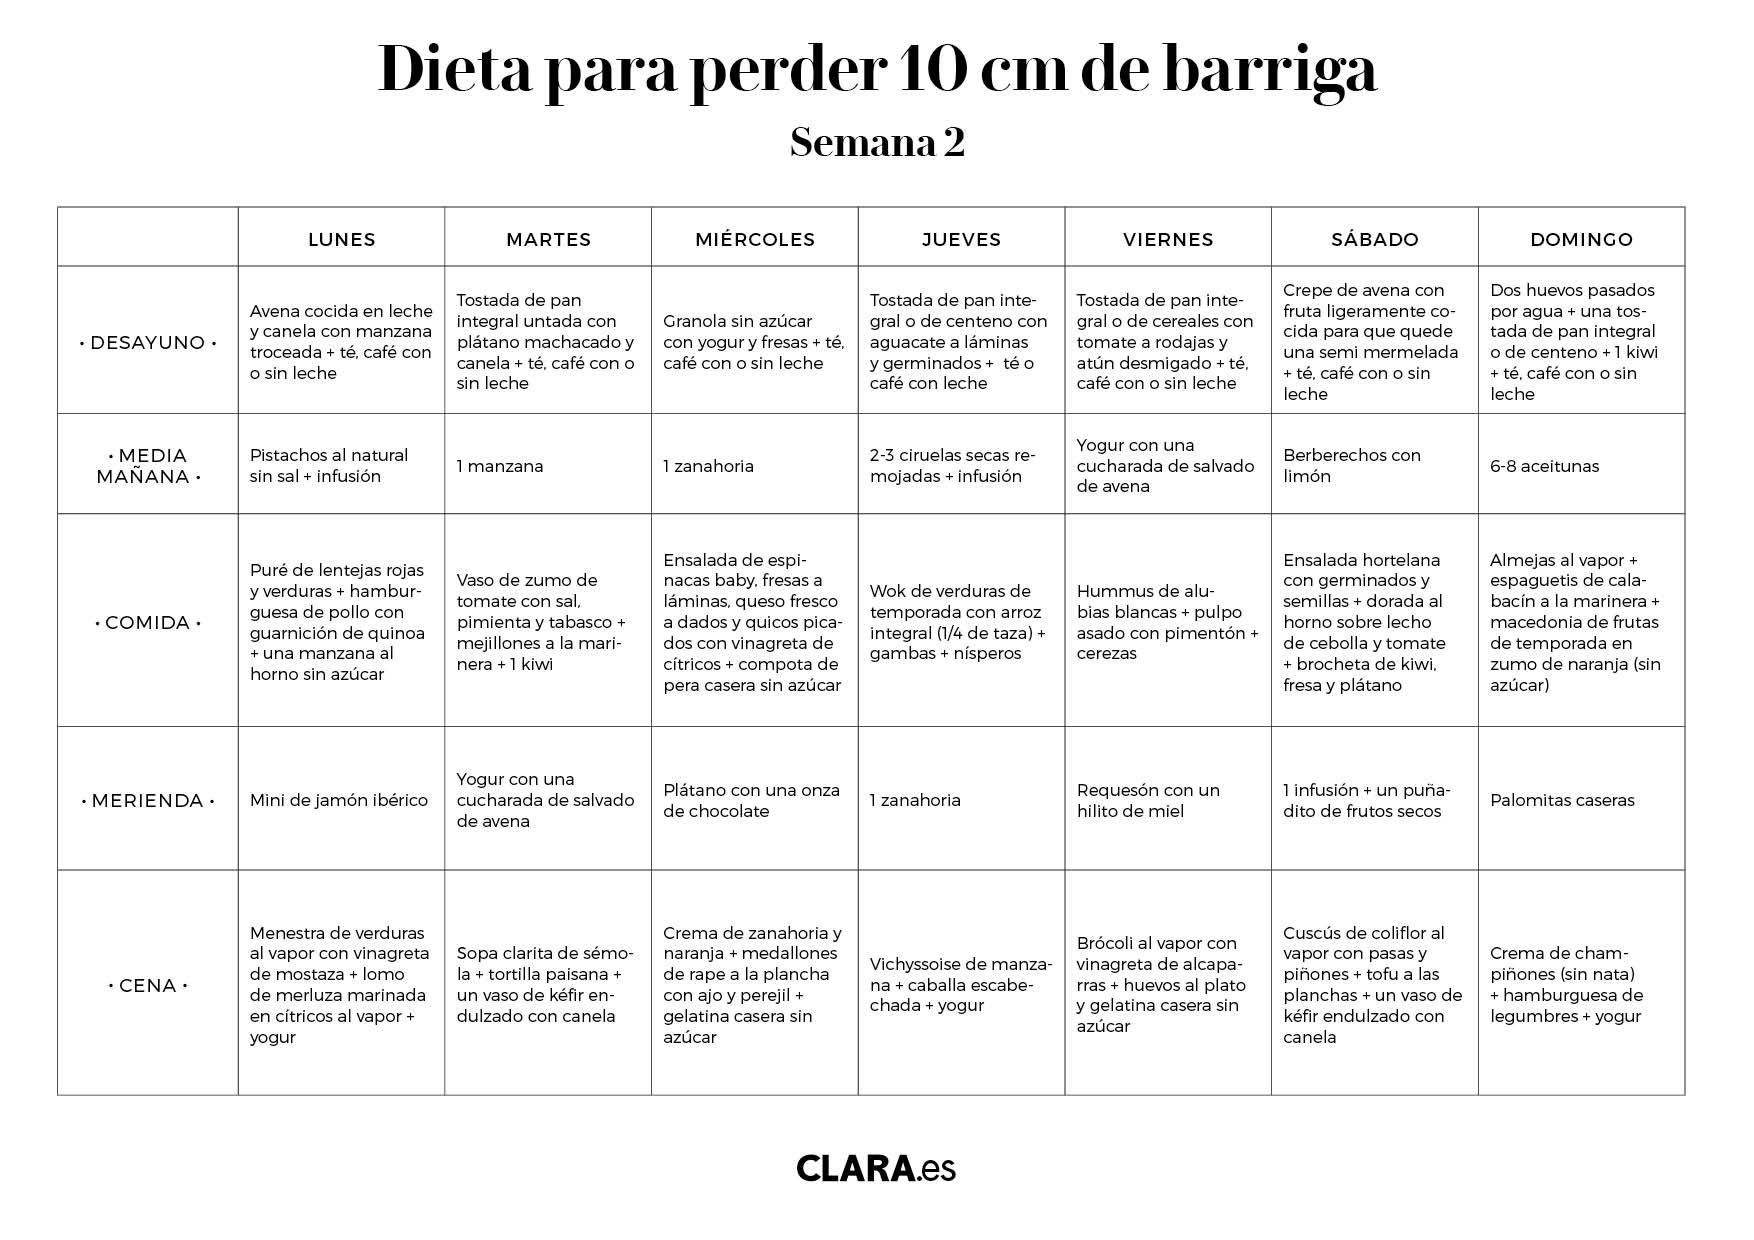 Dieta Para Perder 10 Cm De Barriga Y Adelgazar 8 Kilos